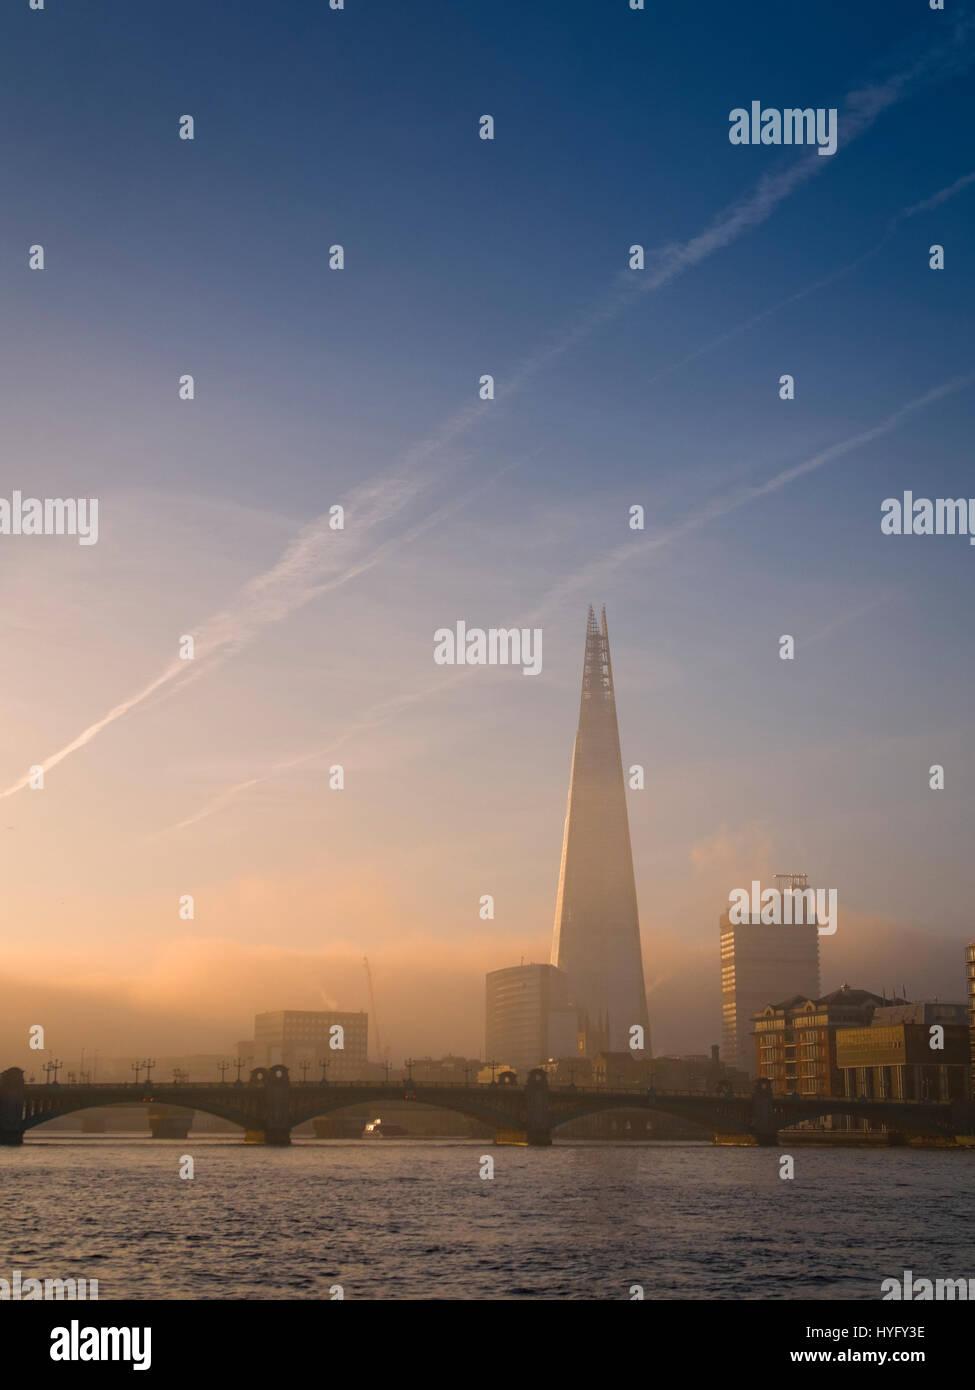 Amanecer sobre el Shard el edificio y el río Támesis de Londres. Foto de stock